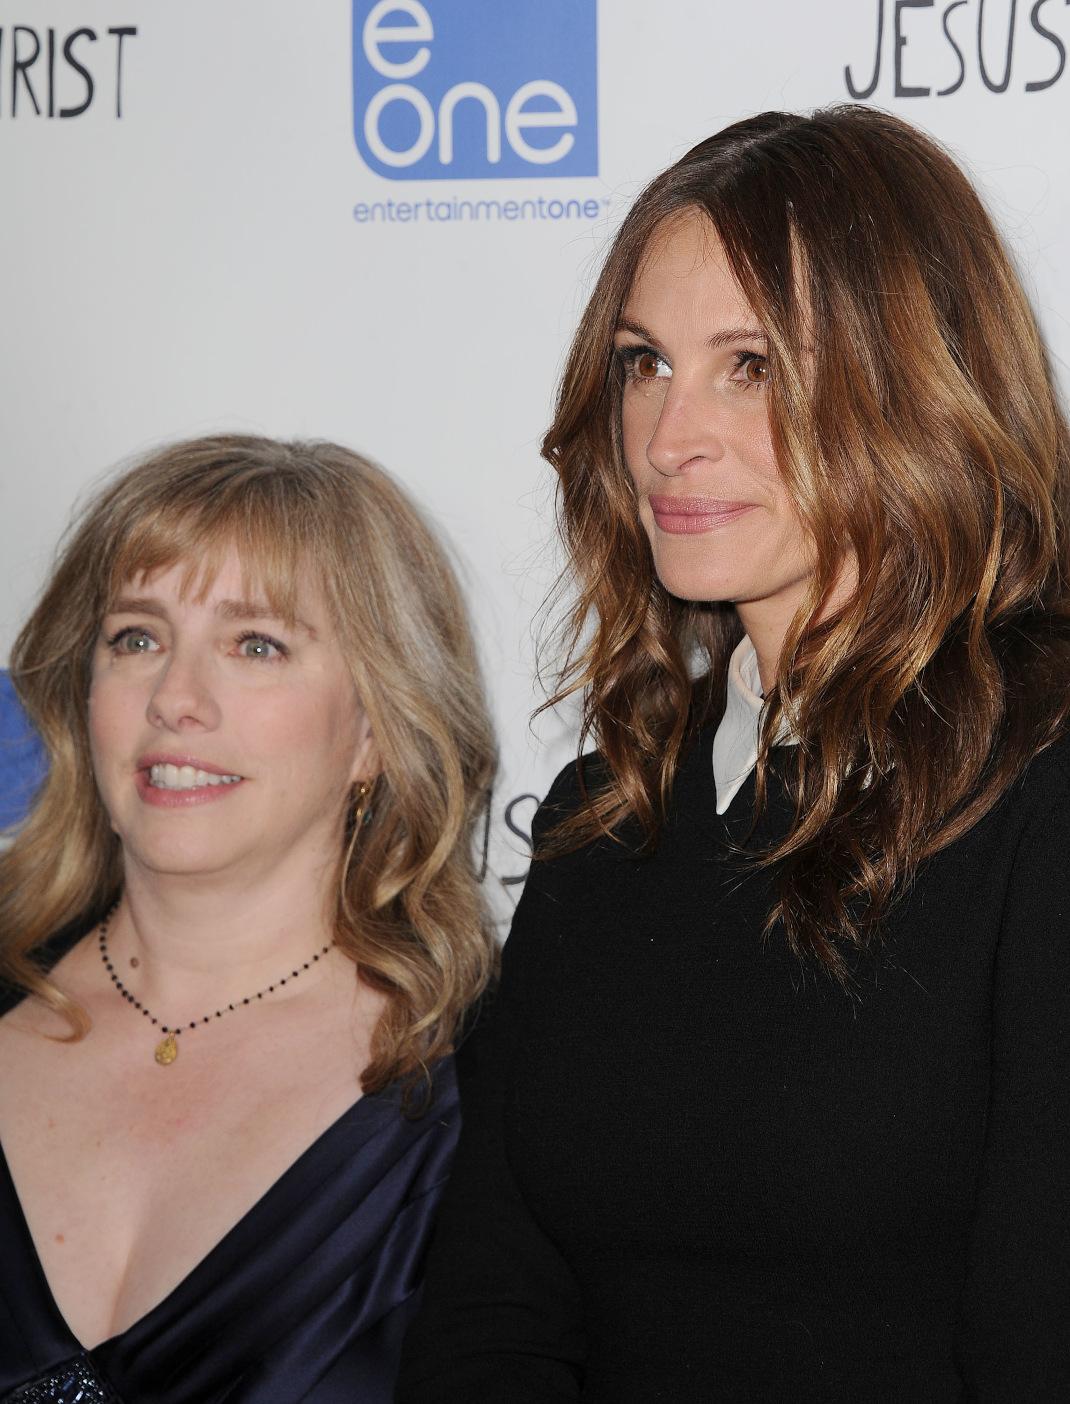 Η Τζούλια Ρόμπερτς με την μεγαλύτερη αδελφή της